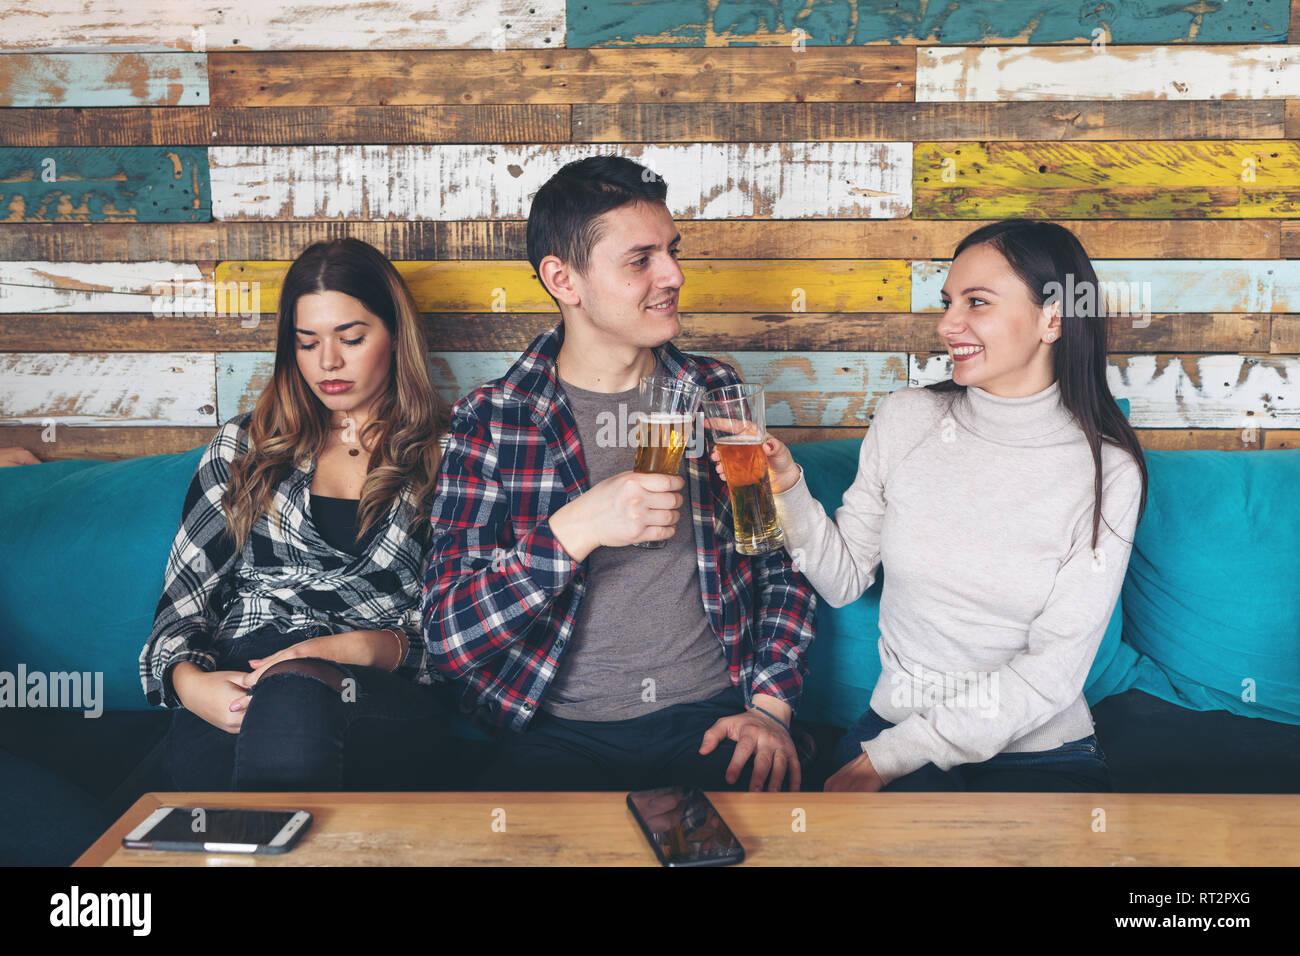 Felice giovane ragazza di bere birra con un giovane uomo e socializzare ignorando altri geloso triste donna seduta accanto a loro presso il bar rustico ristorante. Amore e j Foto Stock